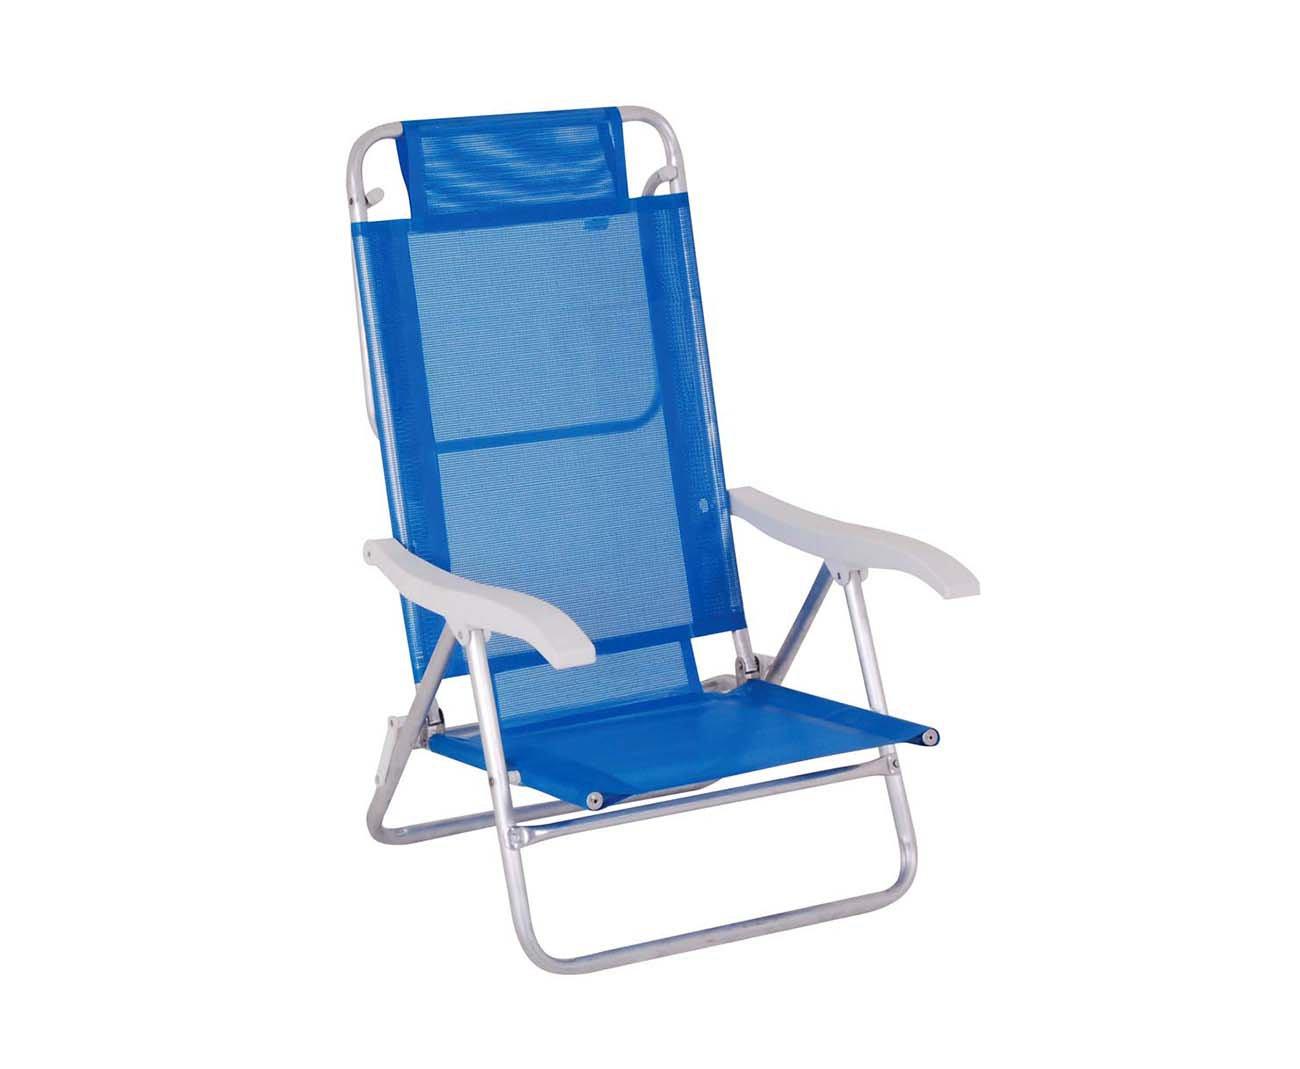 Cadeira Reclinavel De Praia Aluminio Mor Fashion - Azul